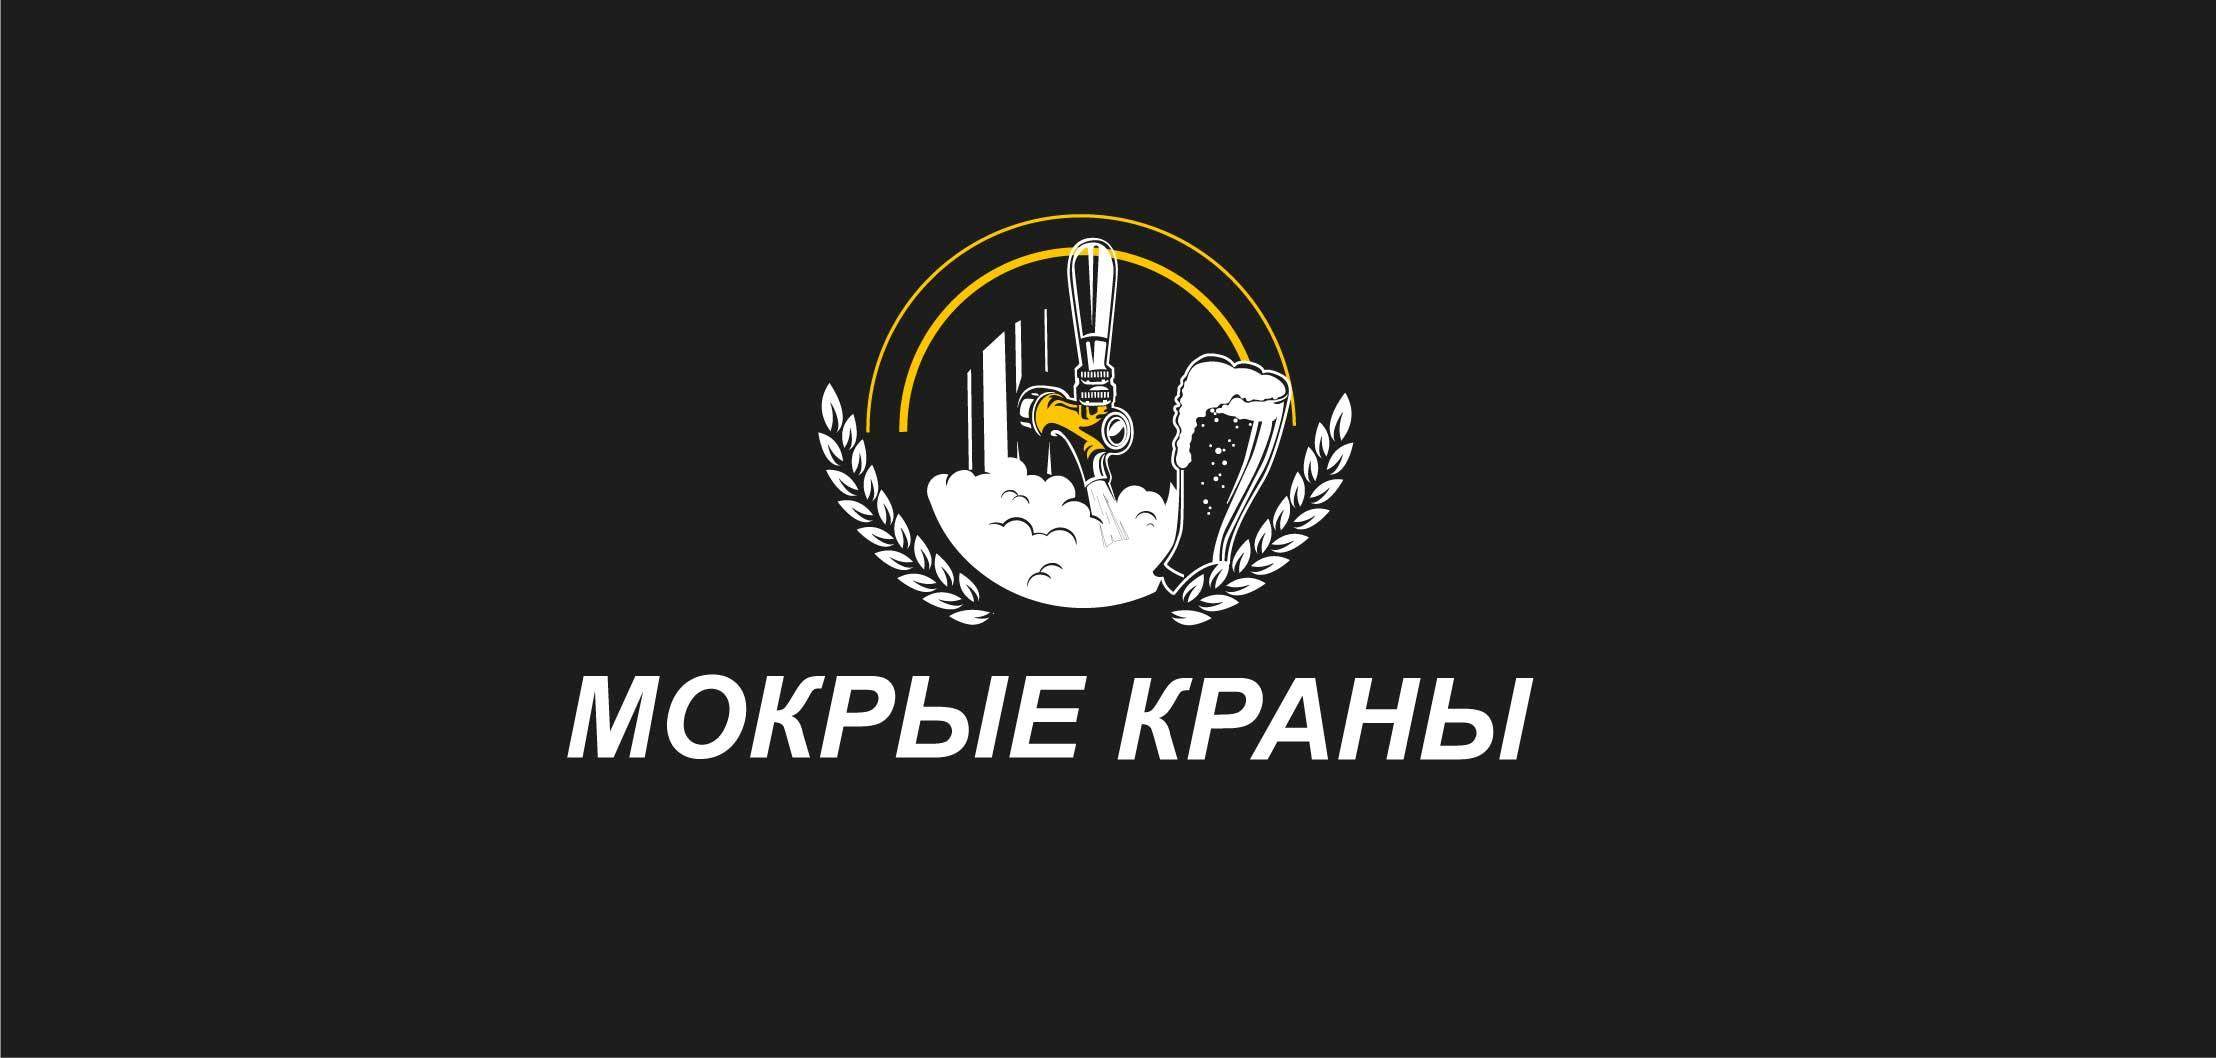 Вывеска/логотип для пивного магазина фото f_04060227dac177c3.jpg